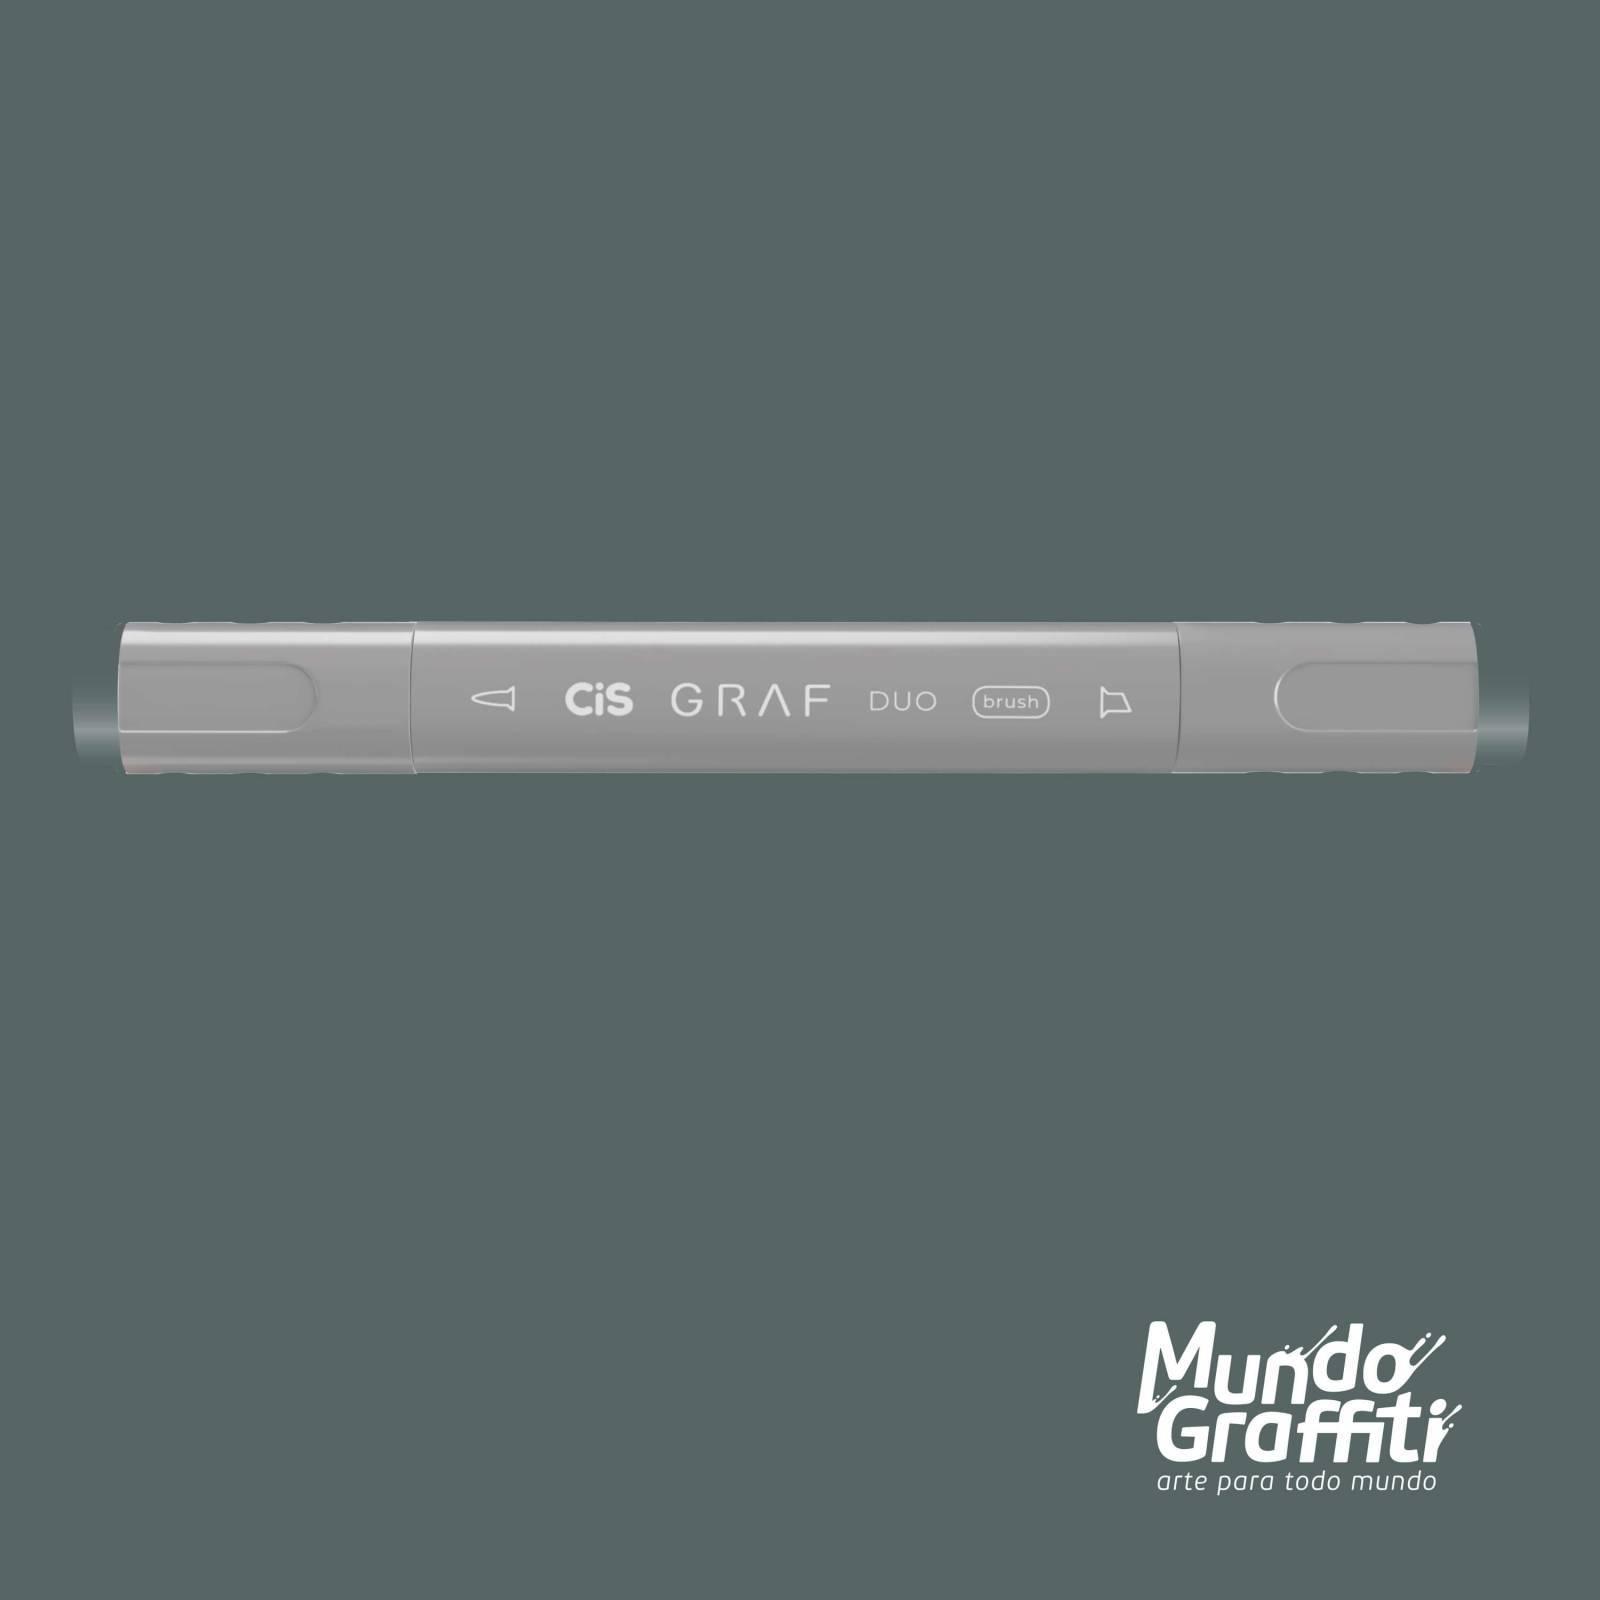 Marcador Cis Graf Duo Brush Blue Grey BG7 - Mundo Graffiti